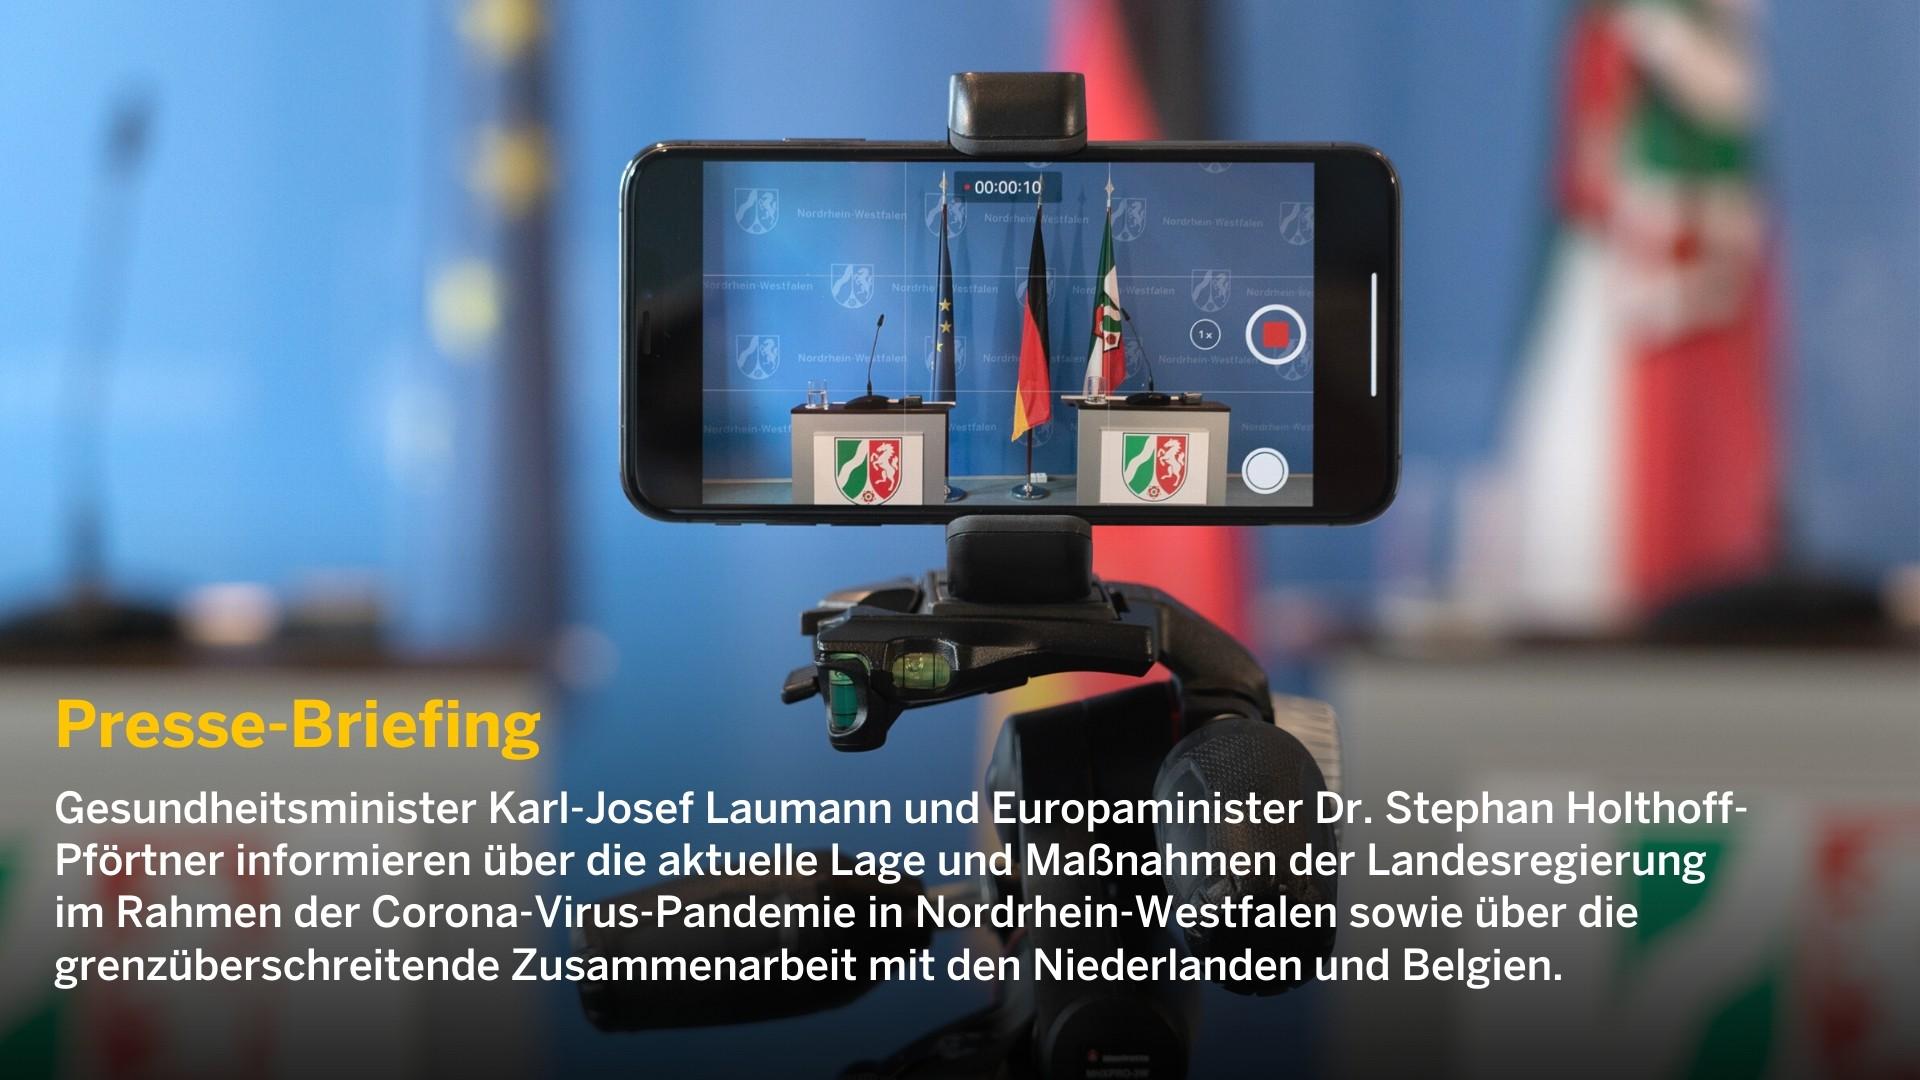 Ein Smartphone filmt 2 Rednerpulte auf einer Pressekonferenz